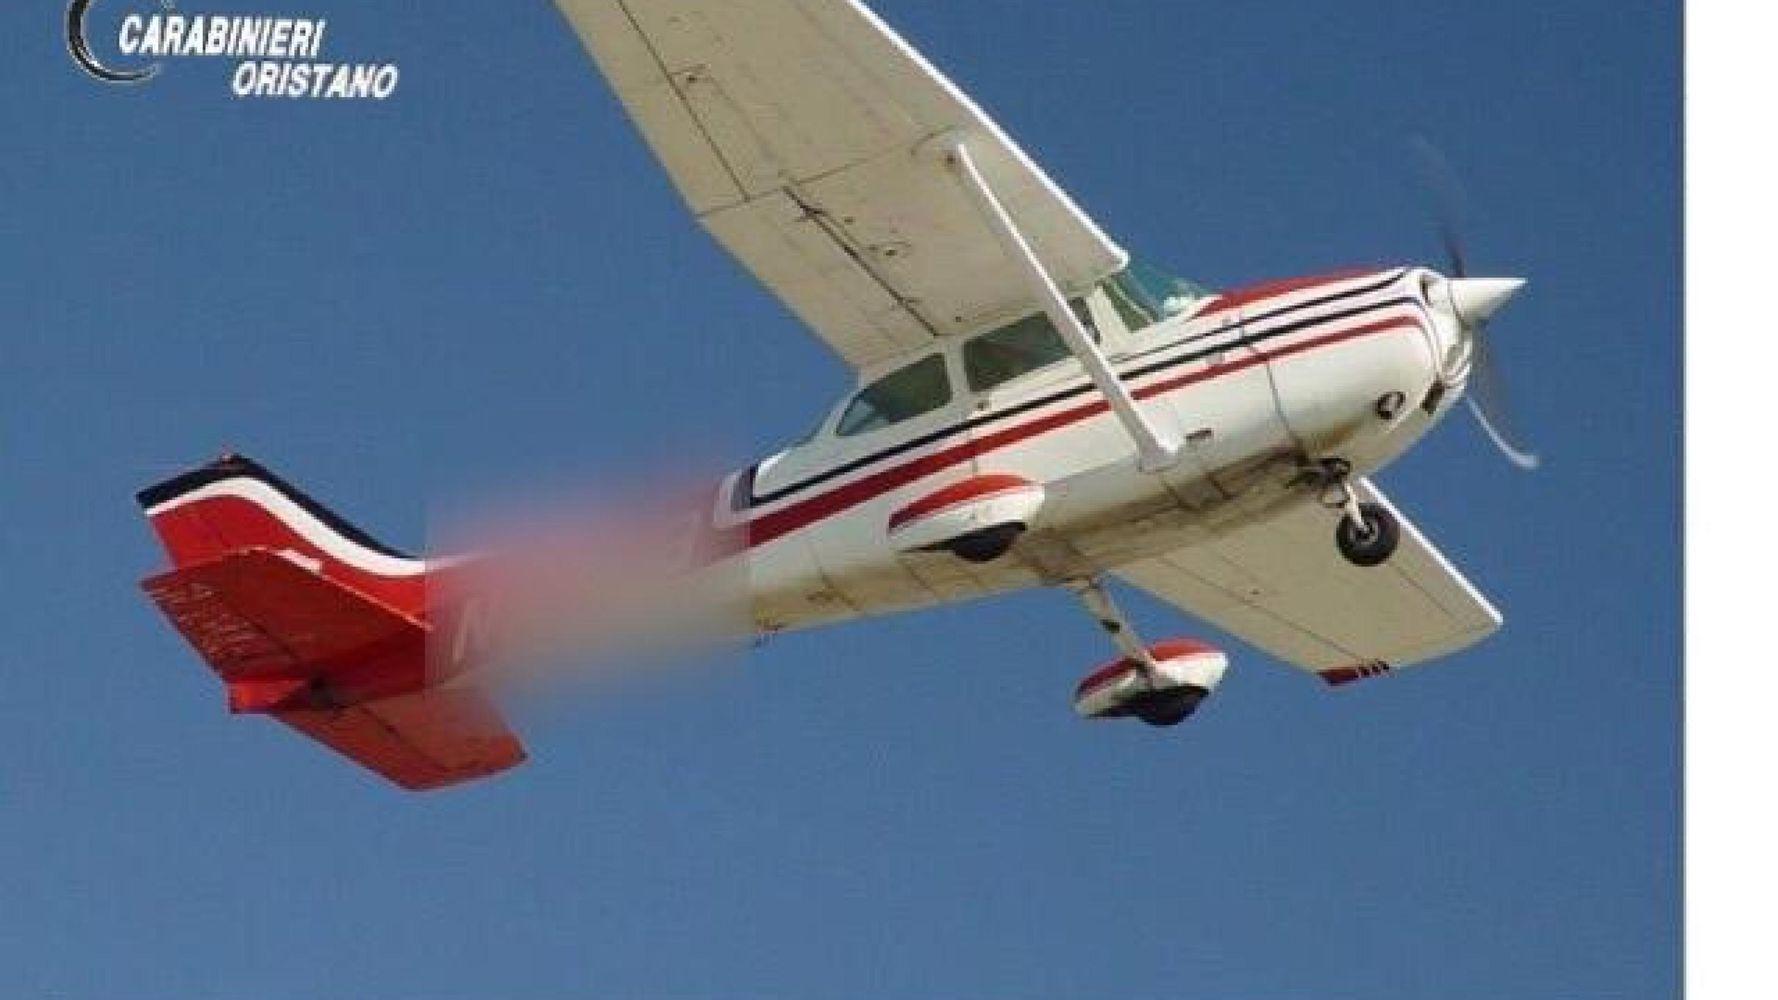 Sardegna, lancia 9 milioni di euro di cocaina dall'aereo ma sbaglia casa: arrestato pilota